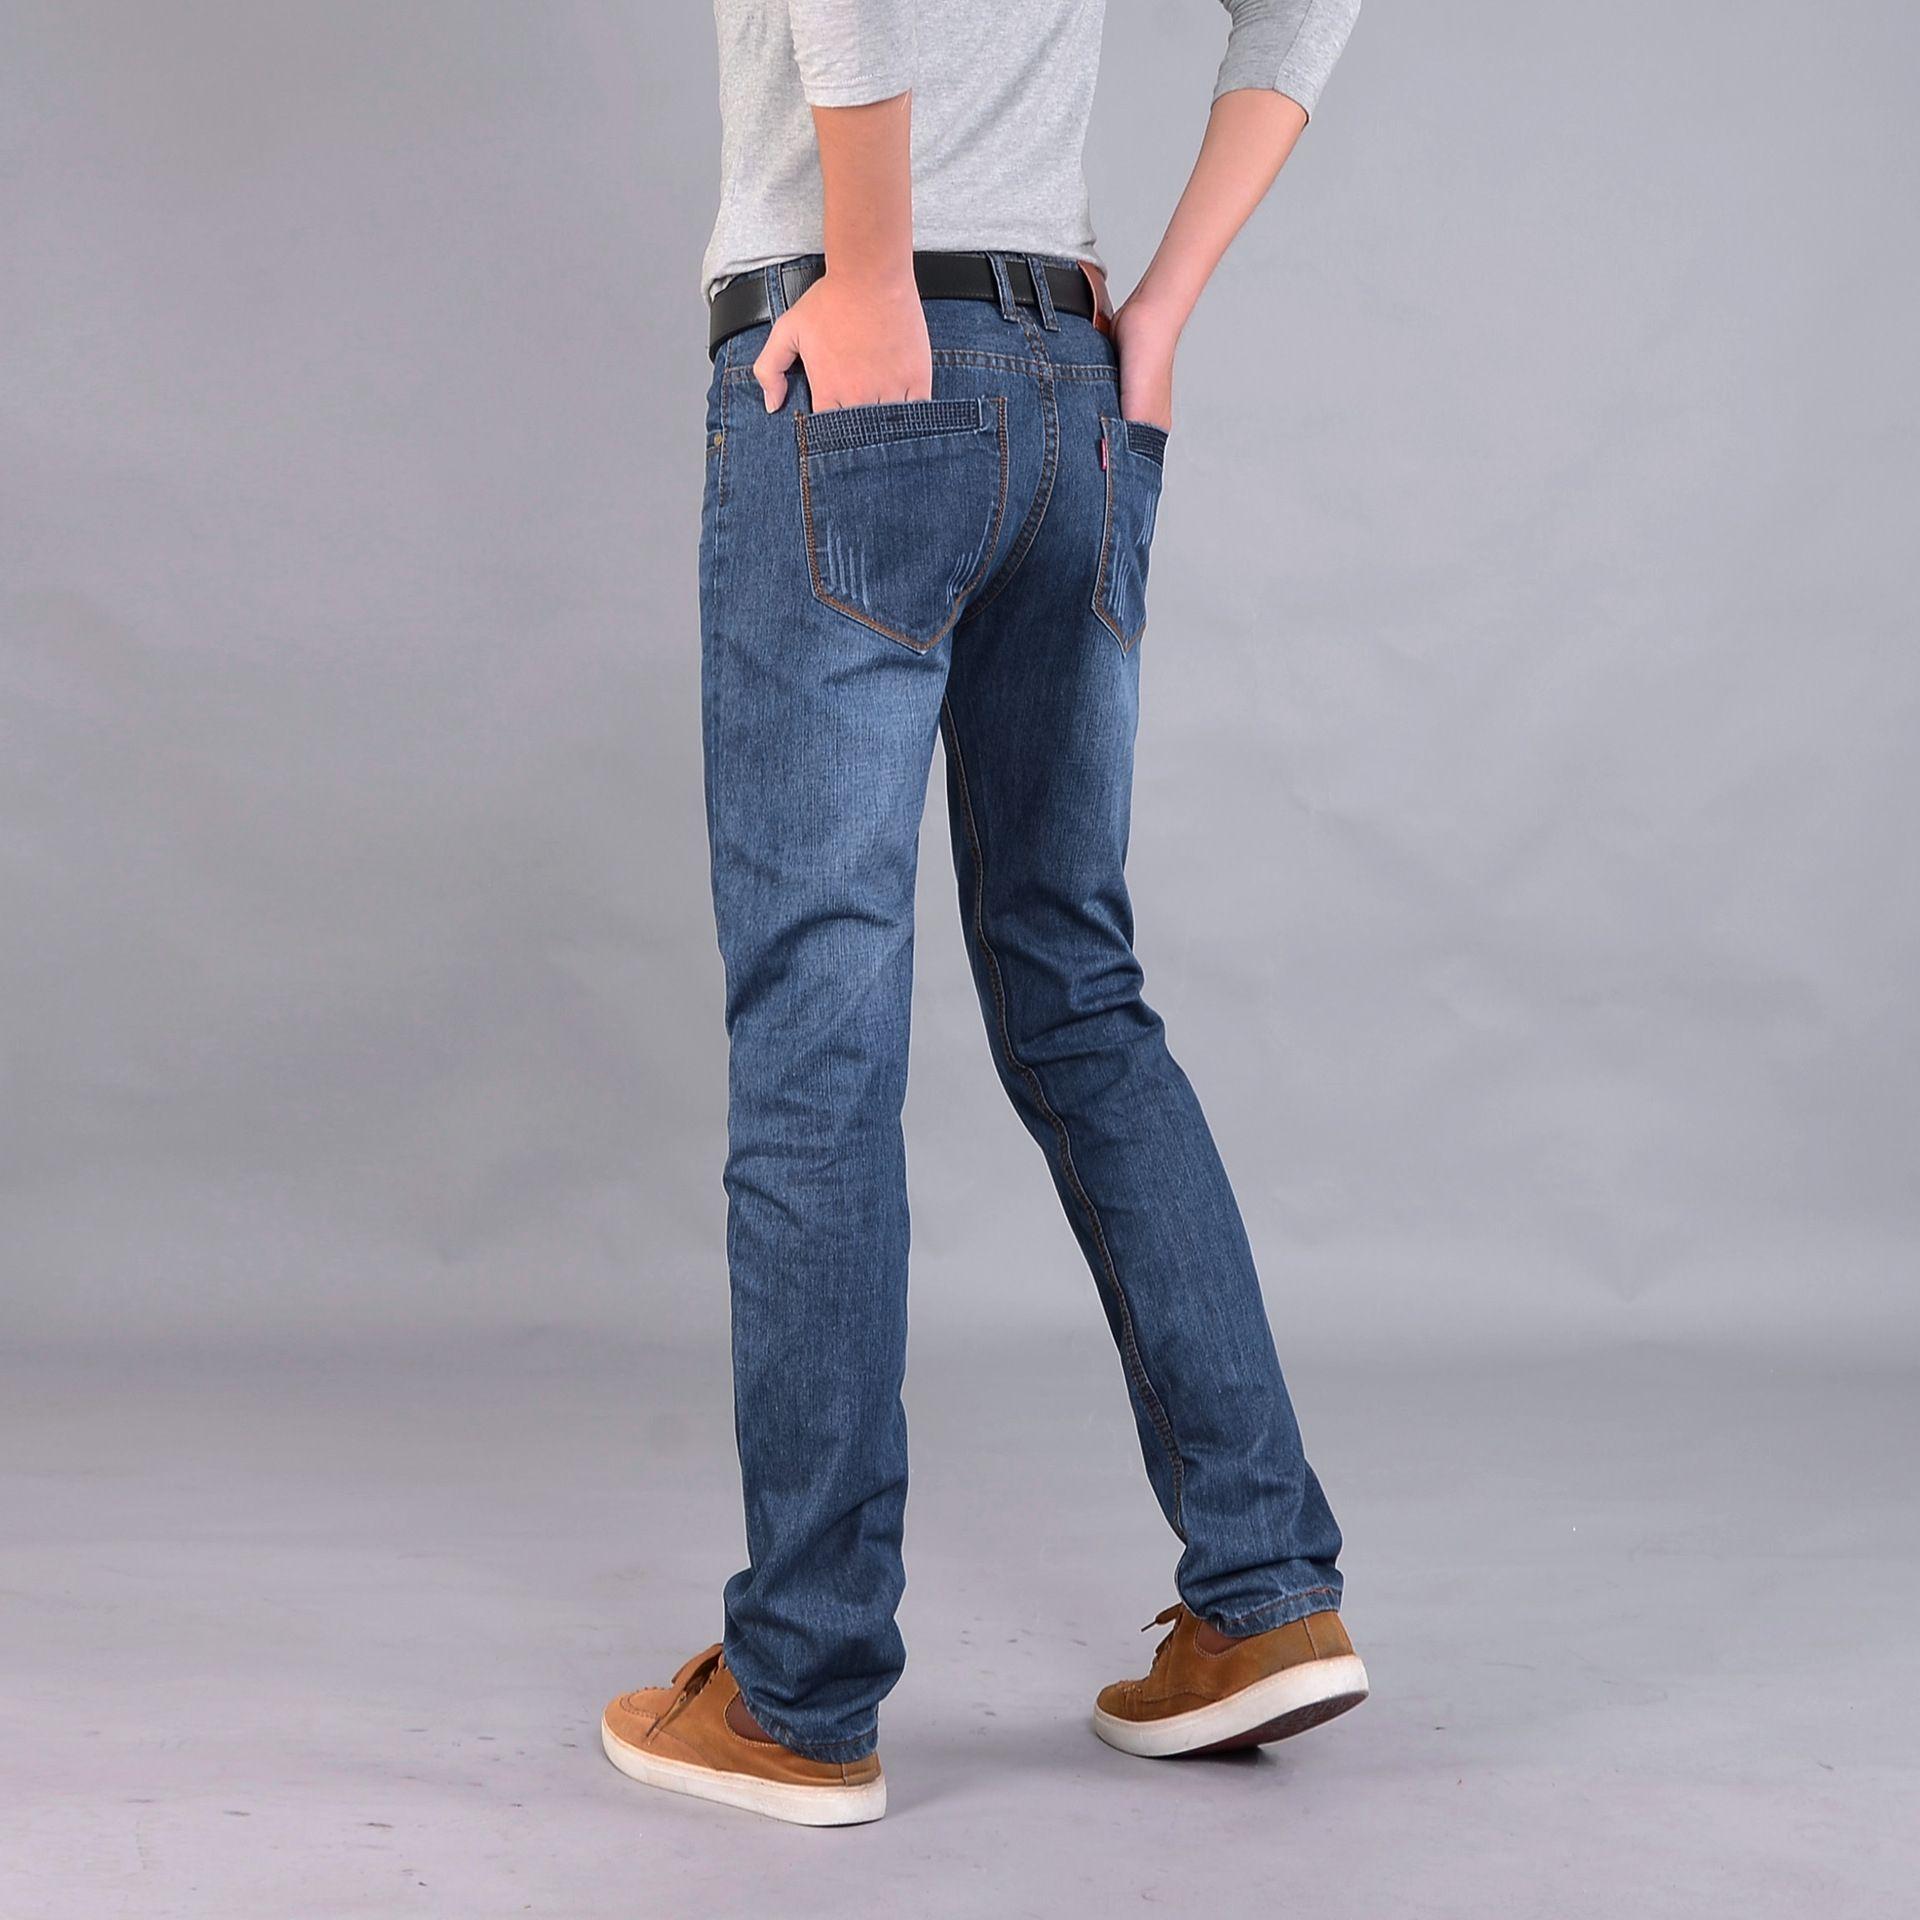 gençlik iş kot ve kot pantolon Four Seasons cr7EK yönlü Erkekler düz gevşek orta bel pantolon erkek moda